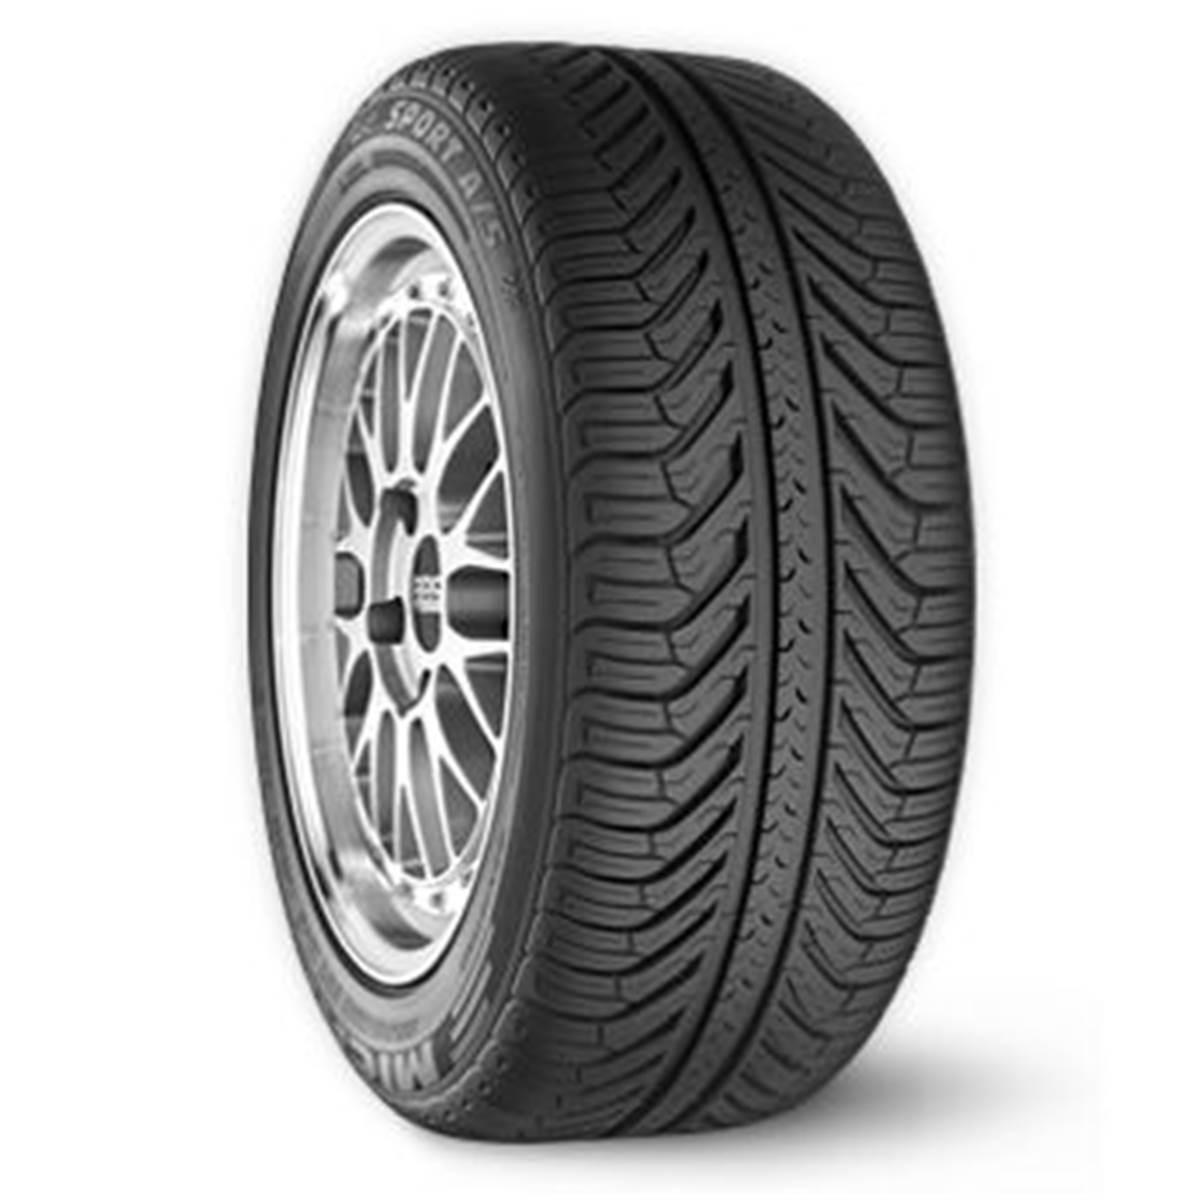 Pneu Michelin 255/40R20 101V Pilot Sport + As XL